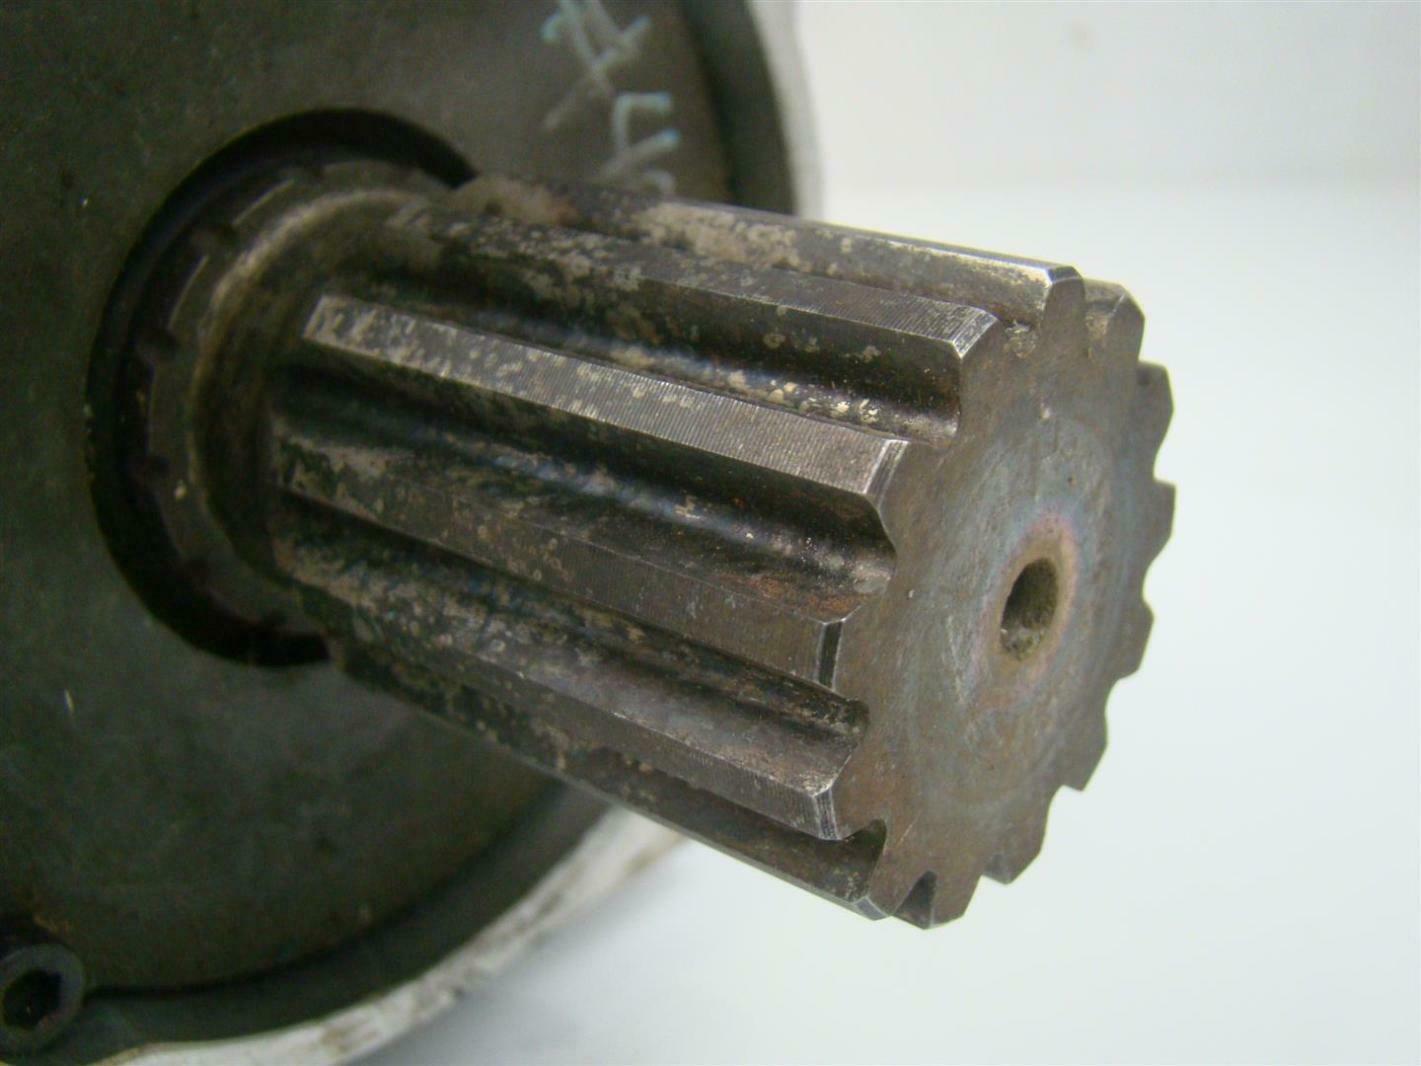 Sauer Danfoss Axial Piston Hydraulic Motor Shaft